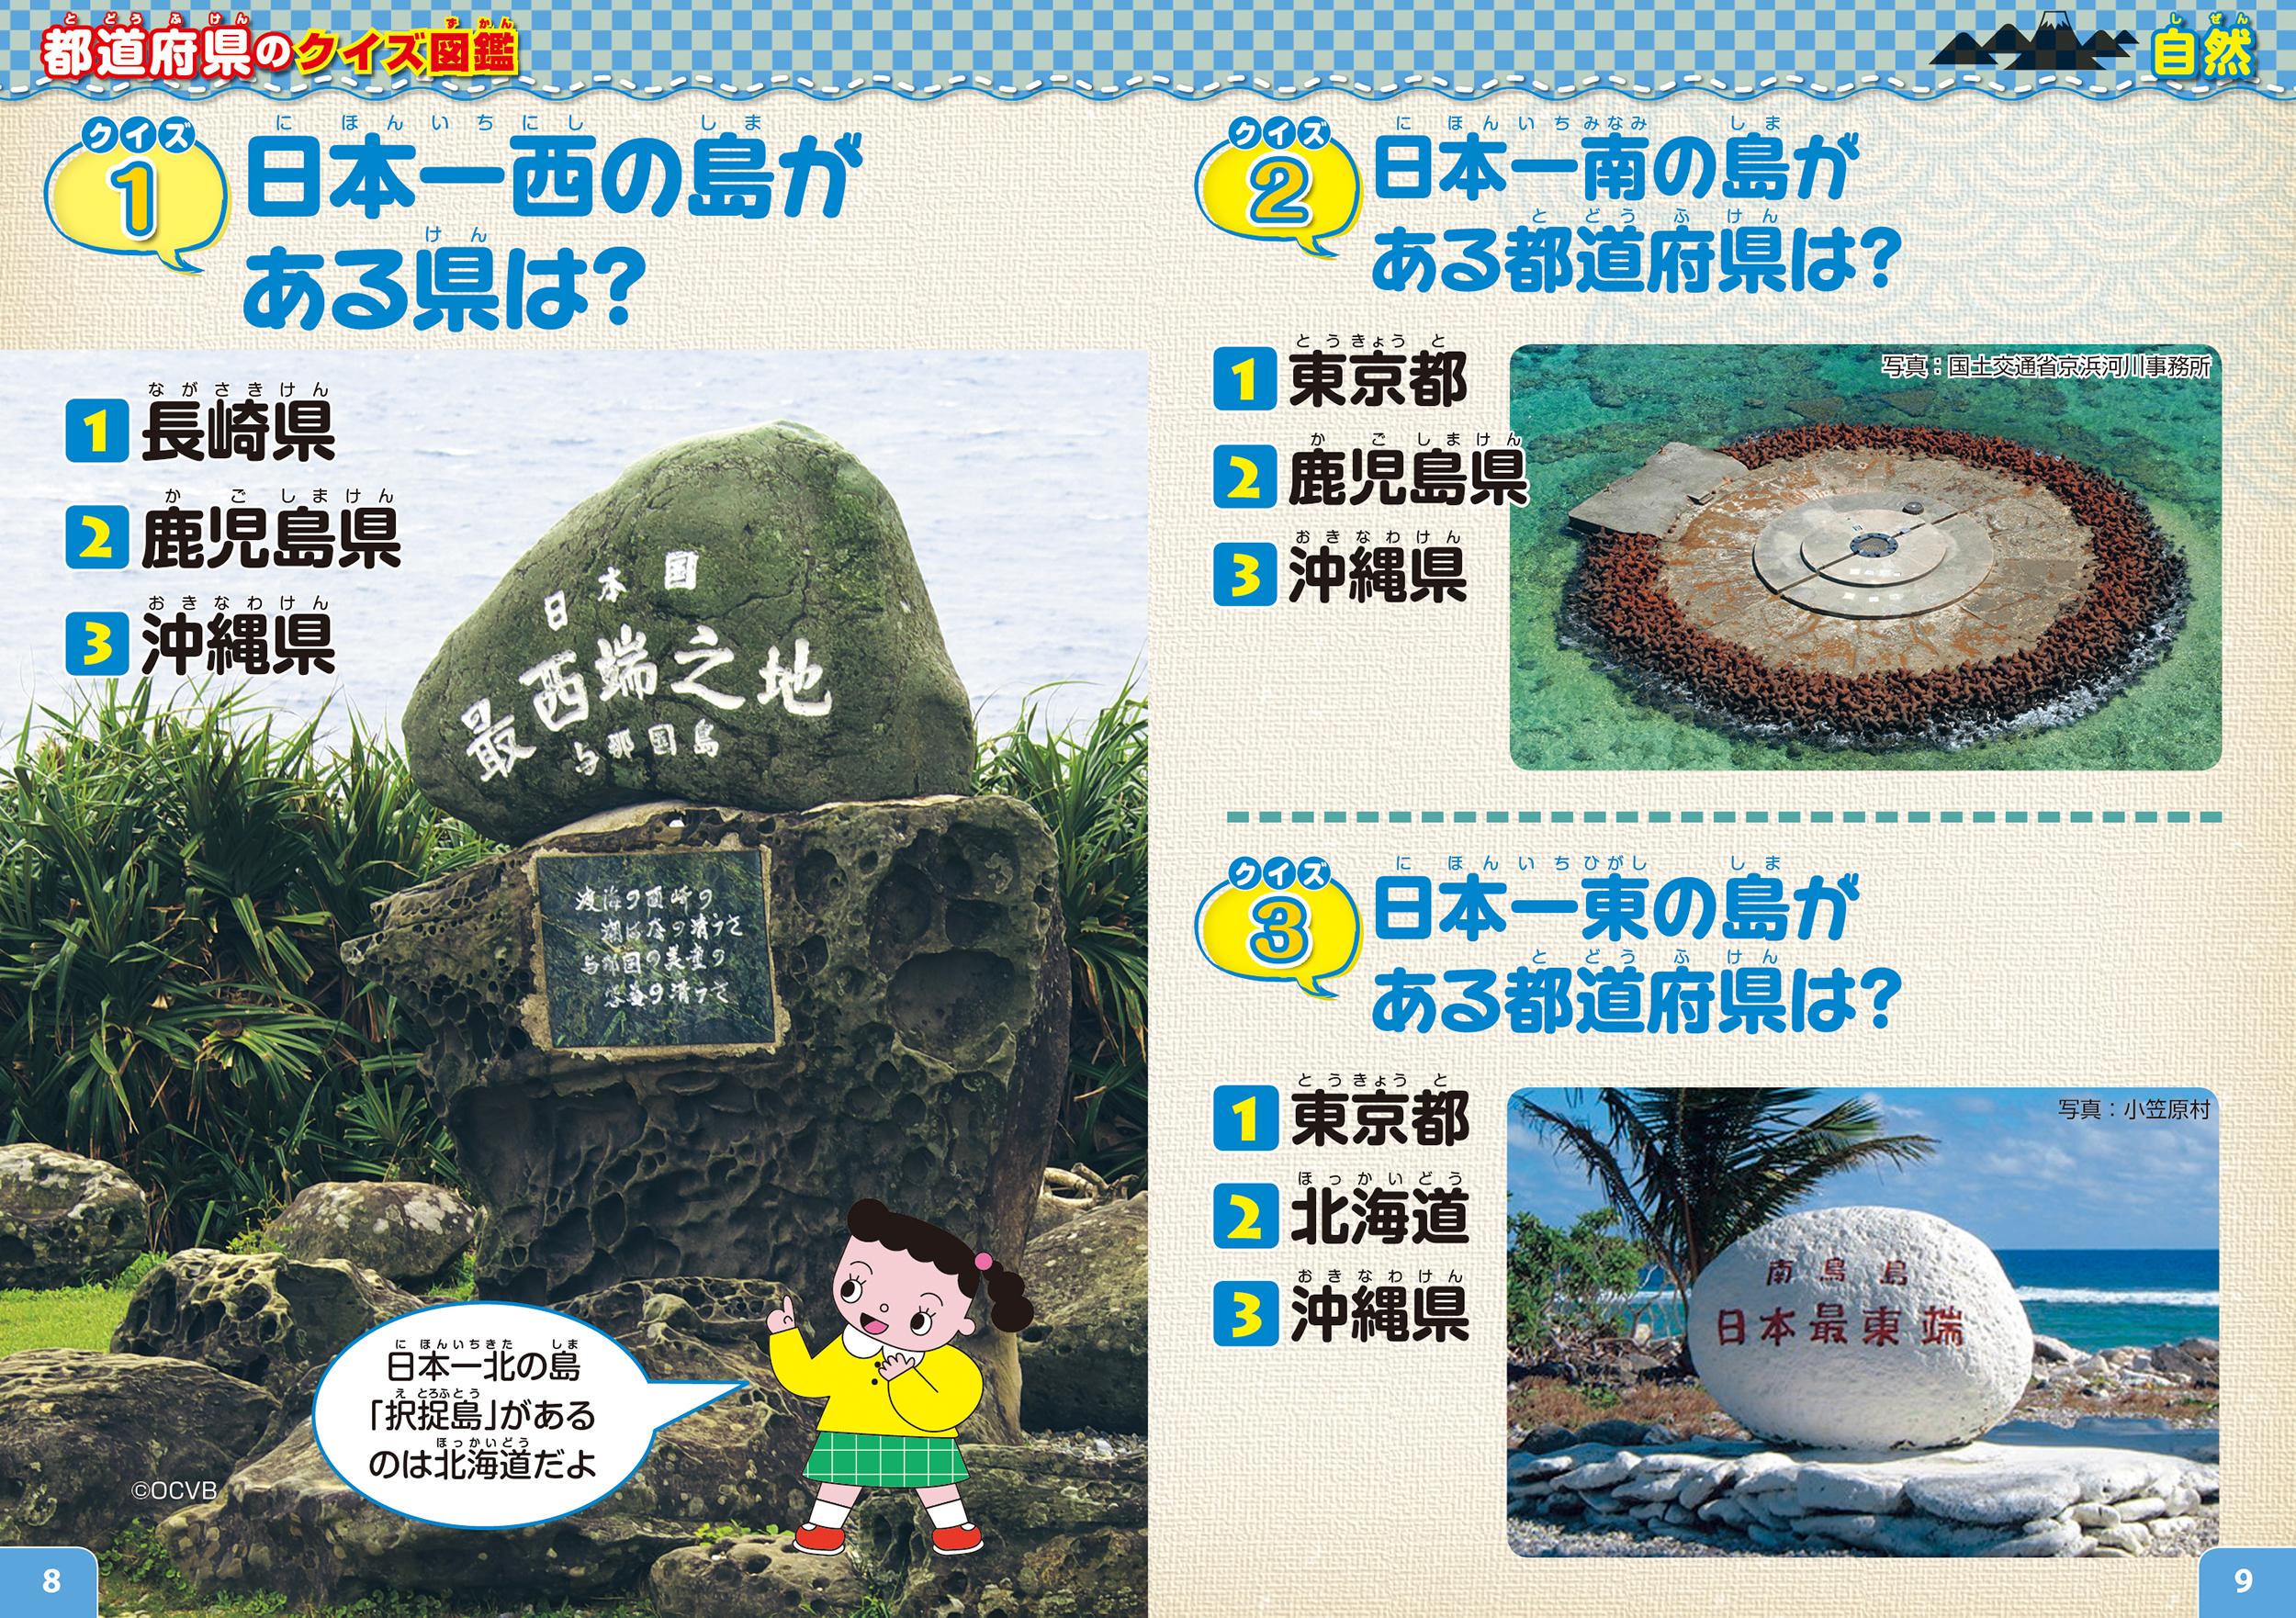 「自然など各都道府県の特徴が分かります」紙面